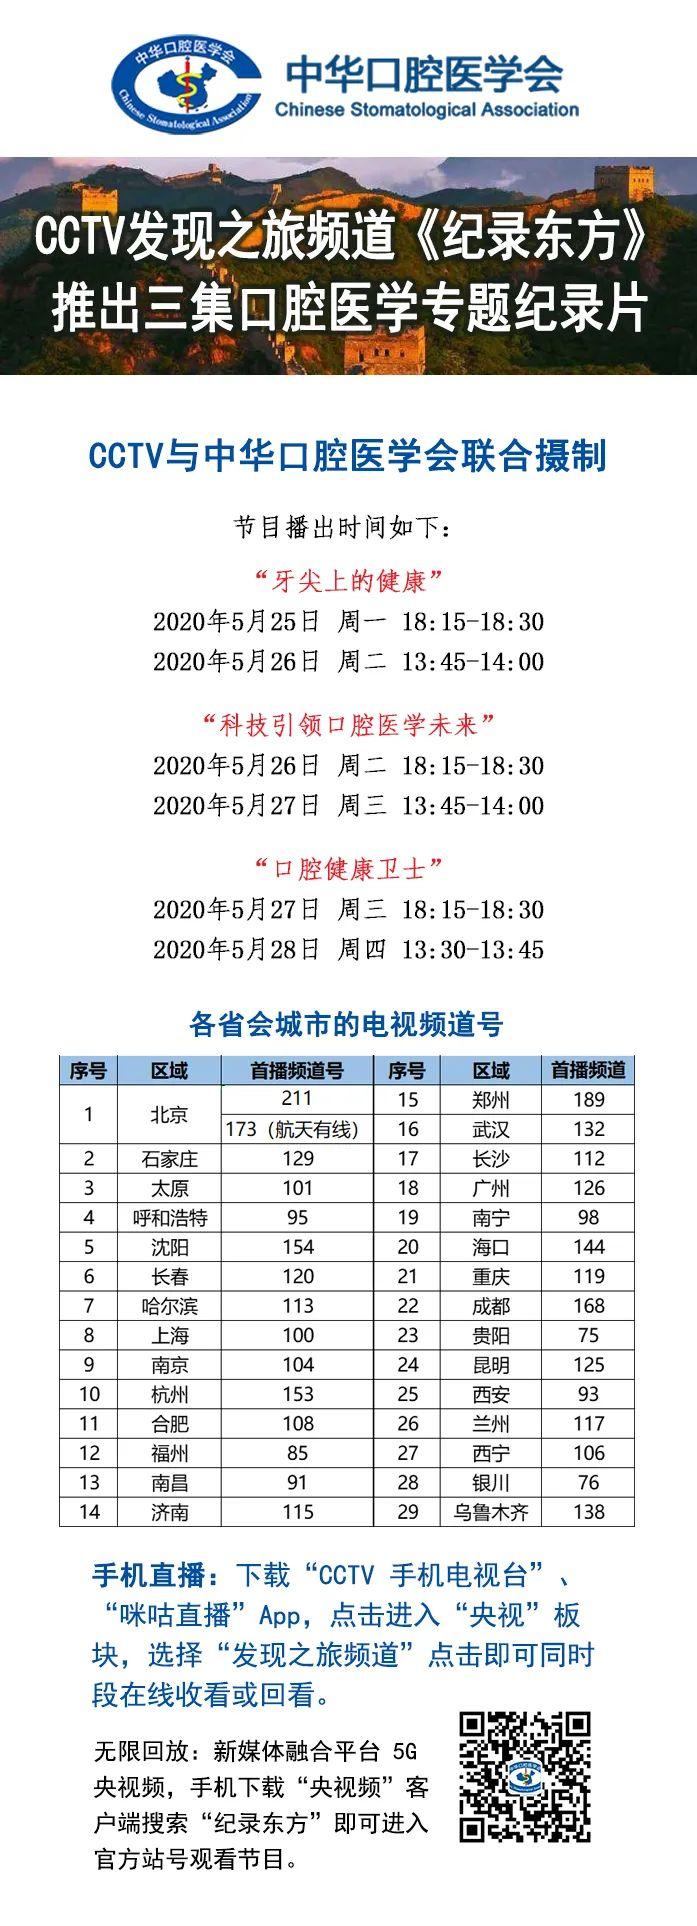 中华口腔医学会周报2020年17期